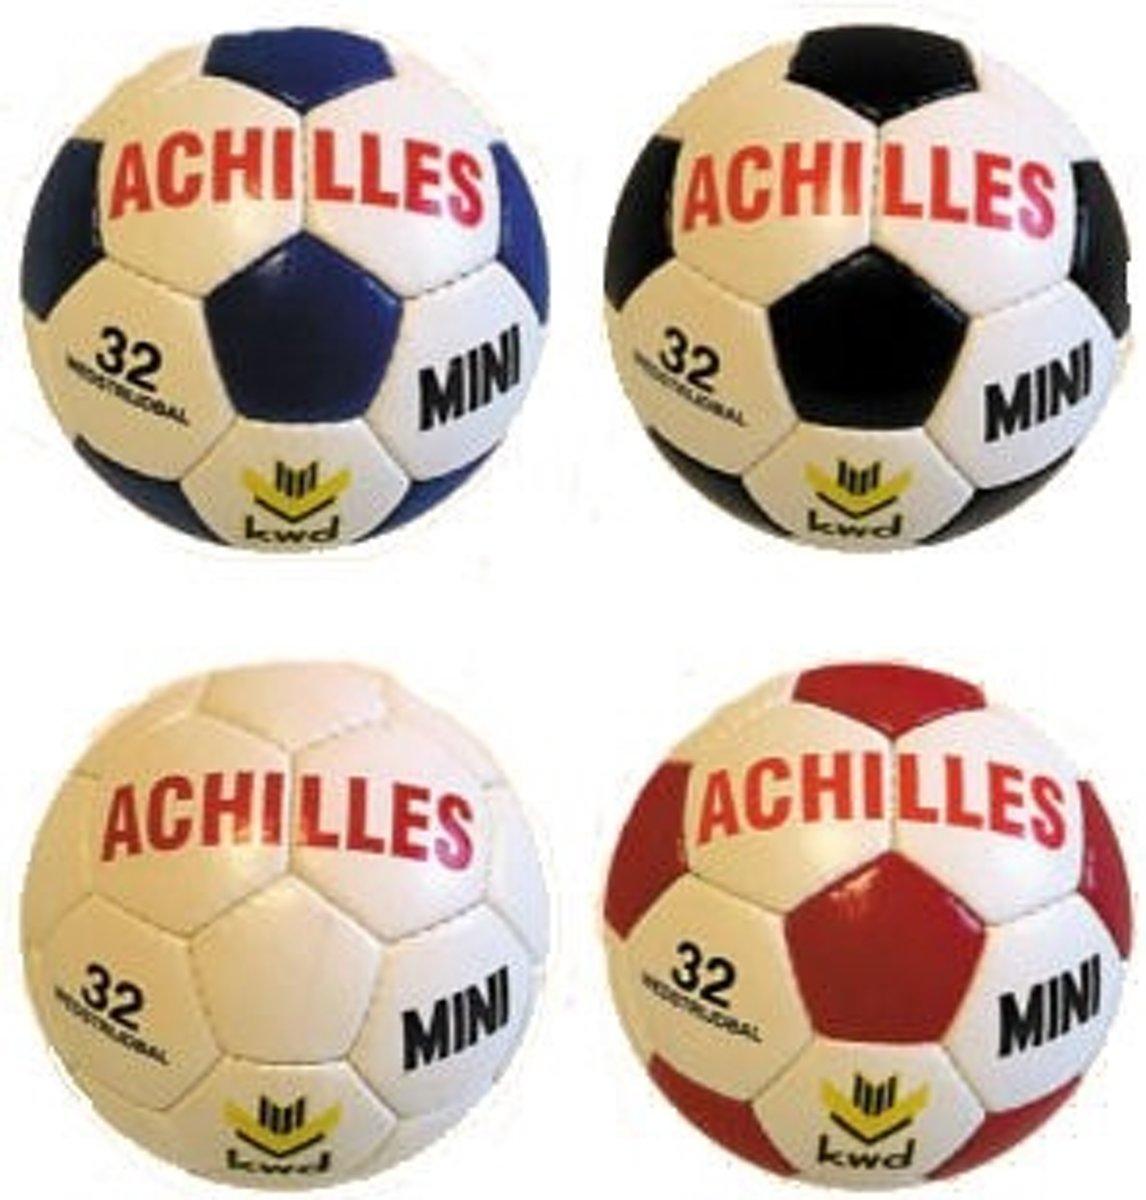 KWD Handbal/Boerenklompgolfbal Achilles Mini - Wit/zwart - Omtrek ± 48cm - ± 200 gram kopen